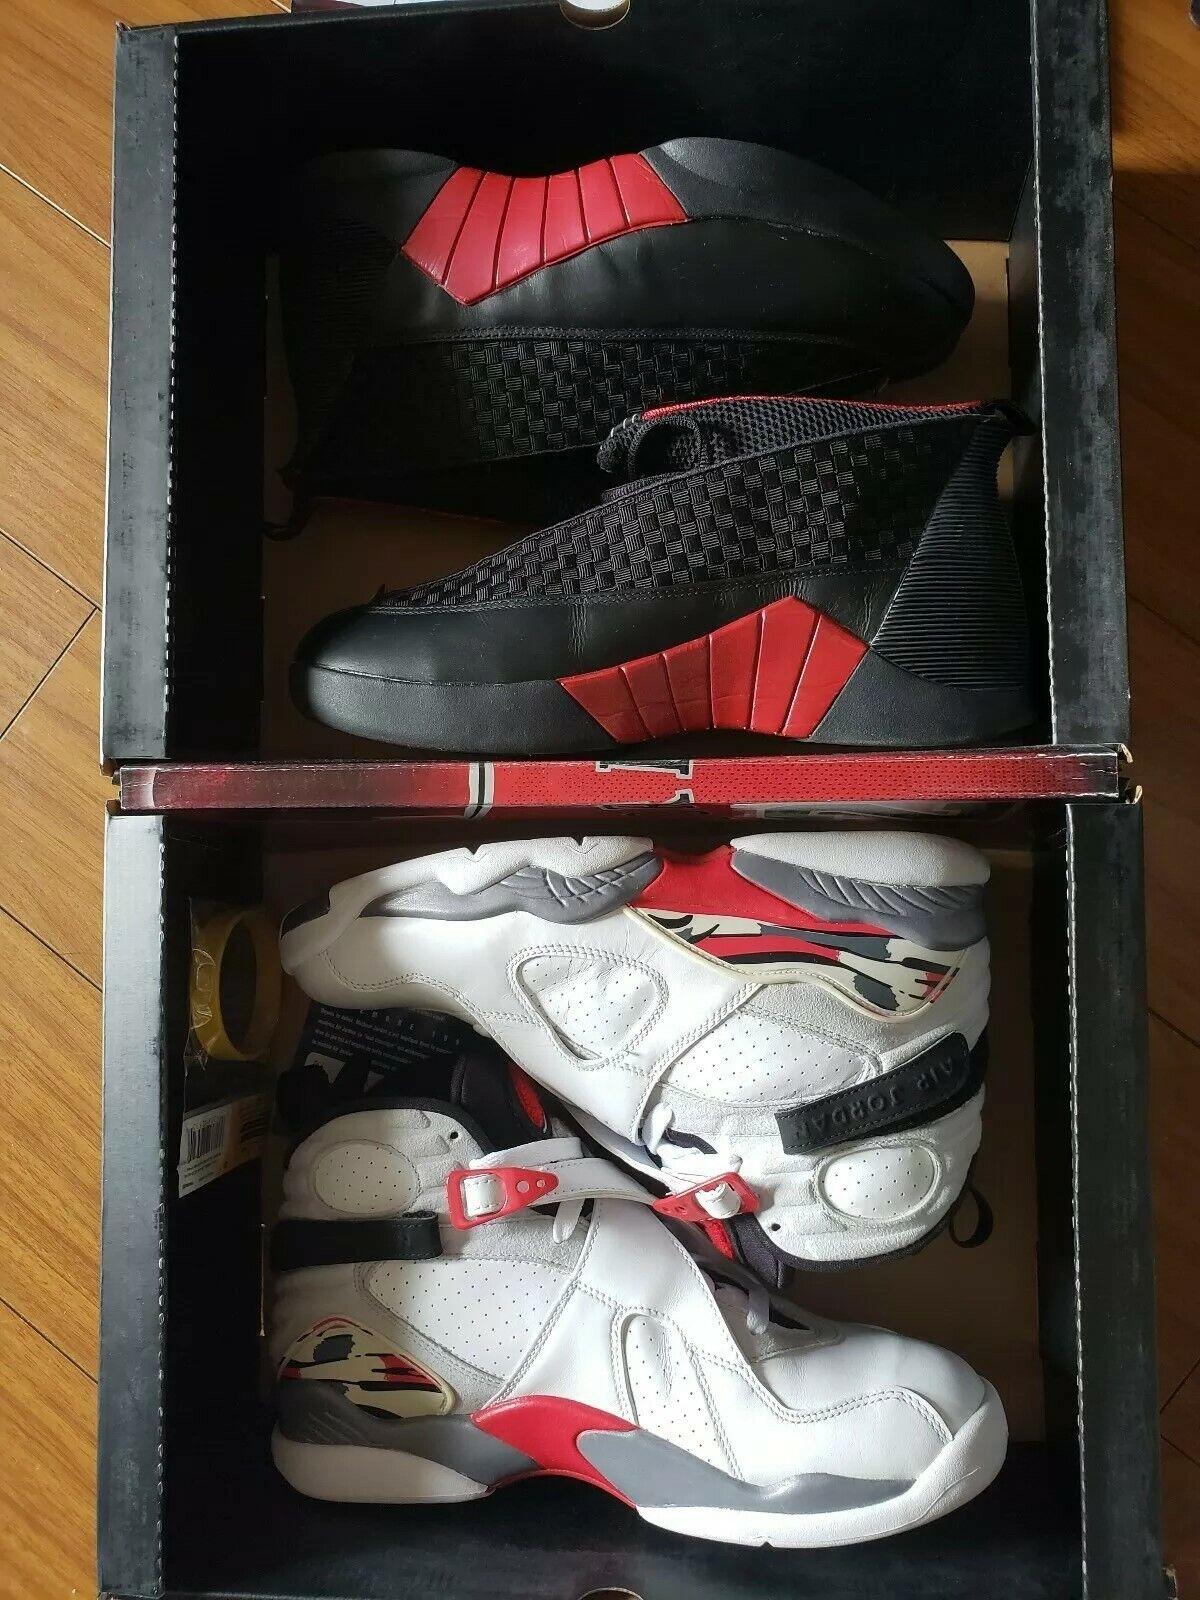 Air Jordan Collezione 15 8 Sz 9.5 Authentic